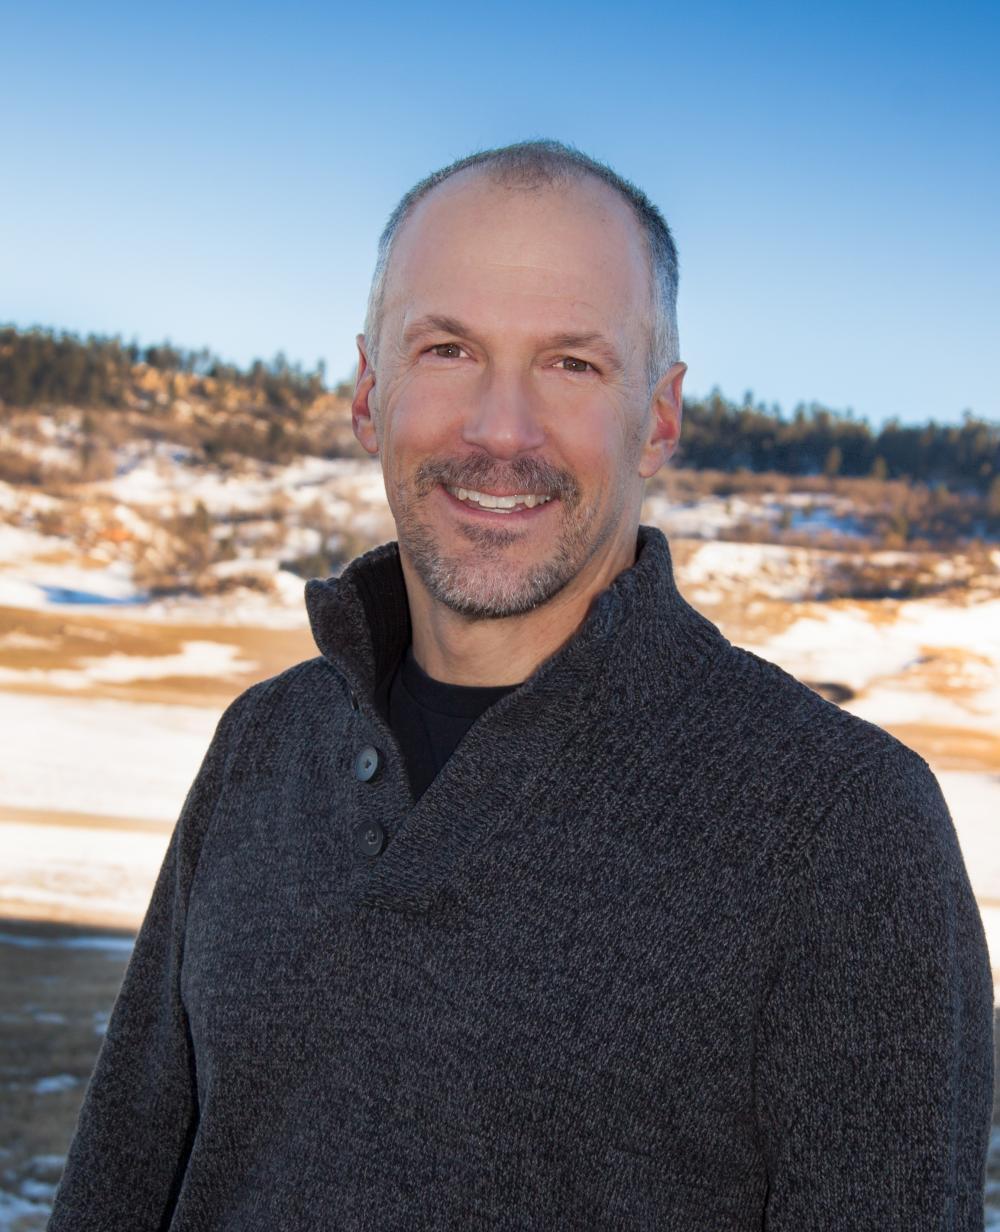 Greg Detweiler - Construction Superintendent